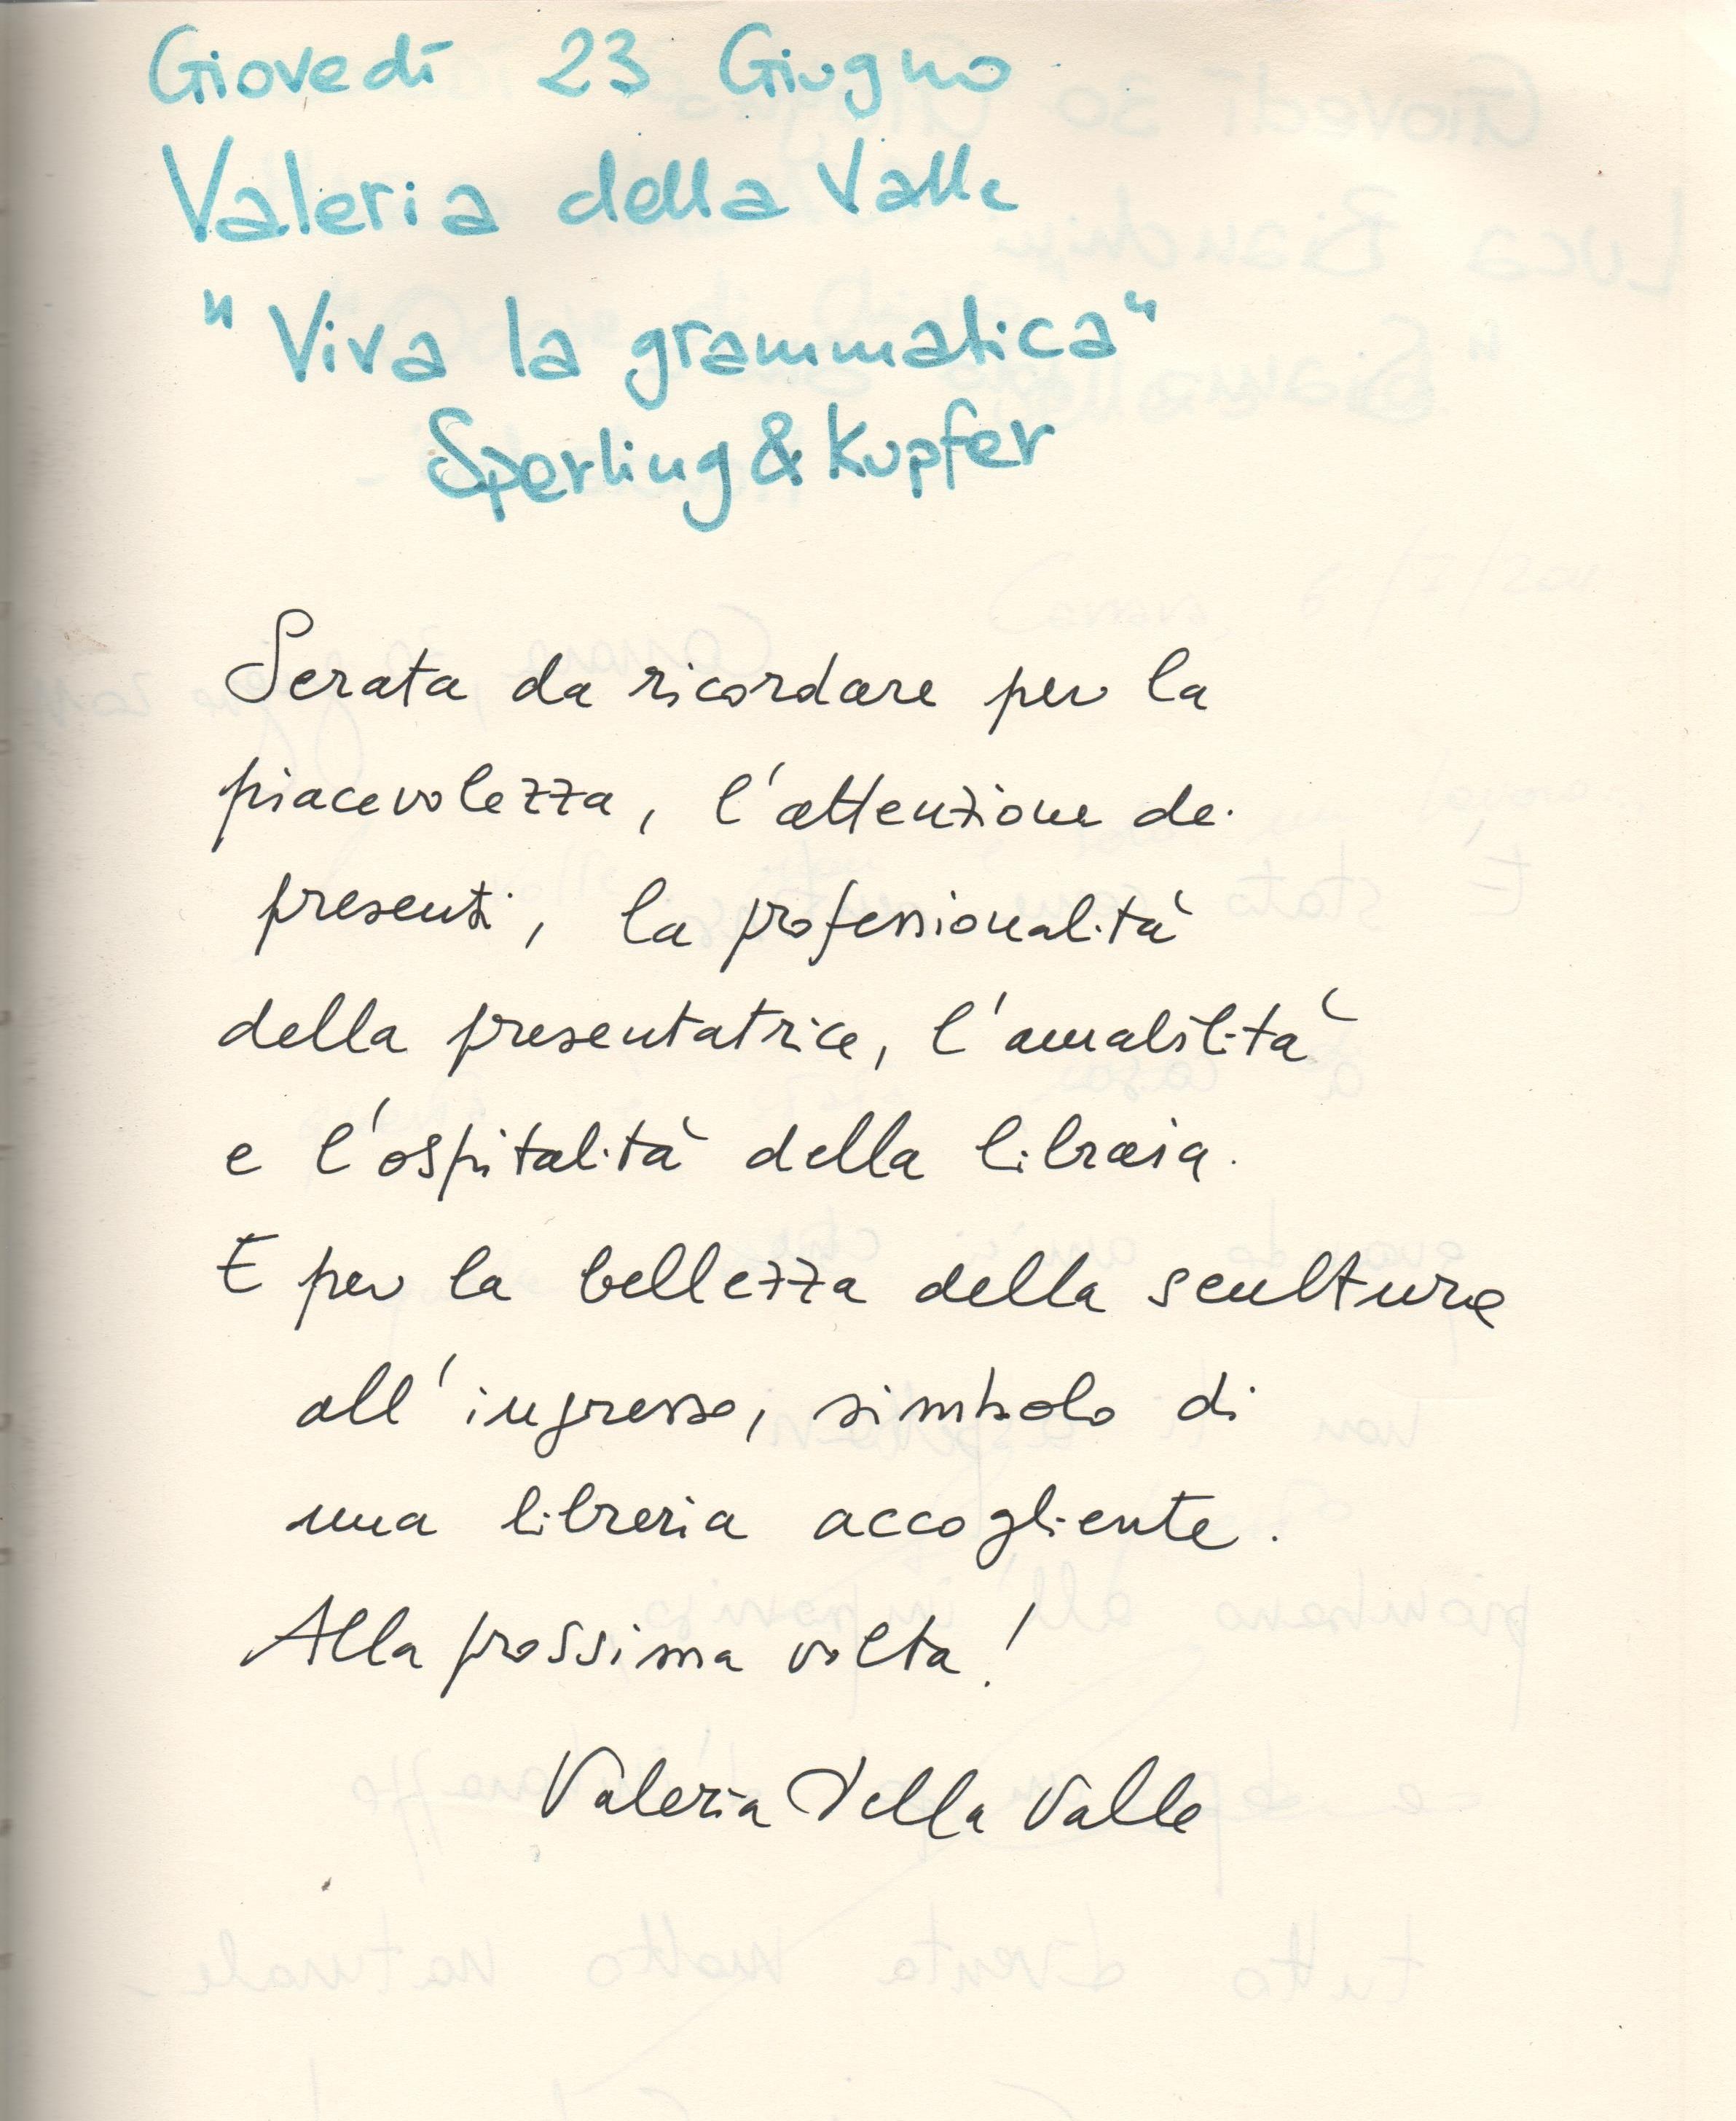 """""""viva la grammatica"""" di Valeria della Valle"""